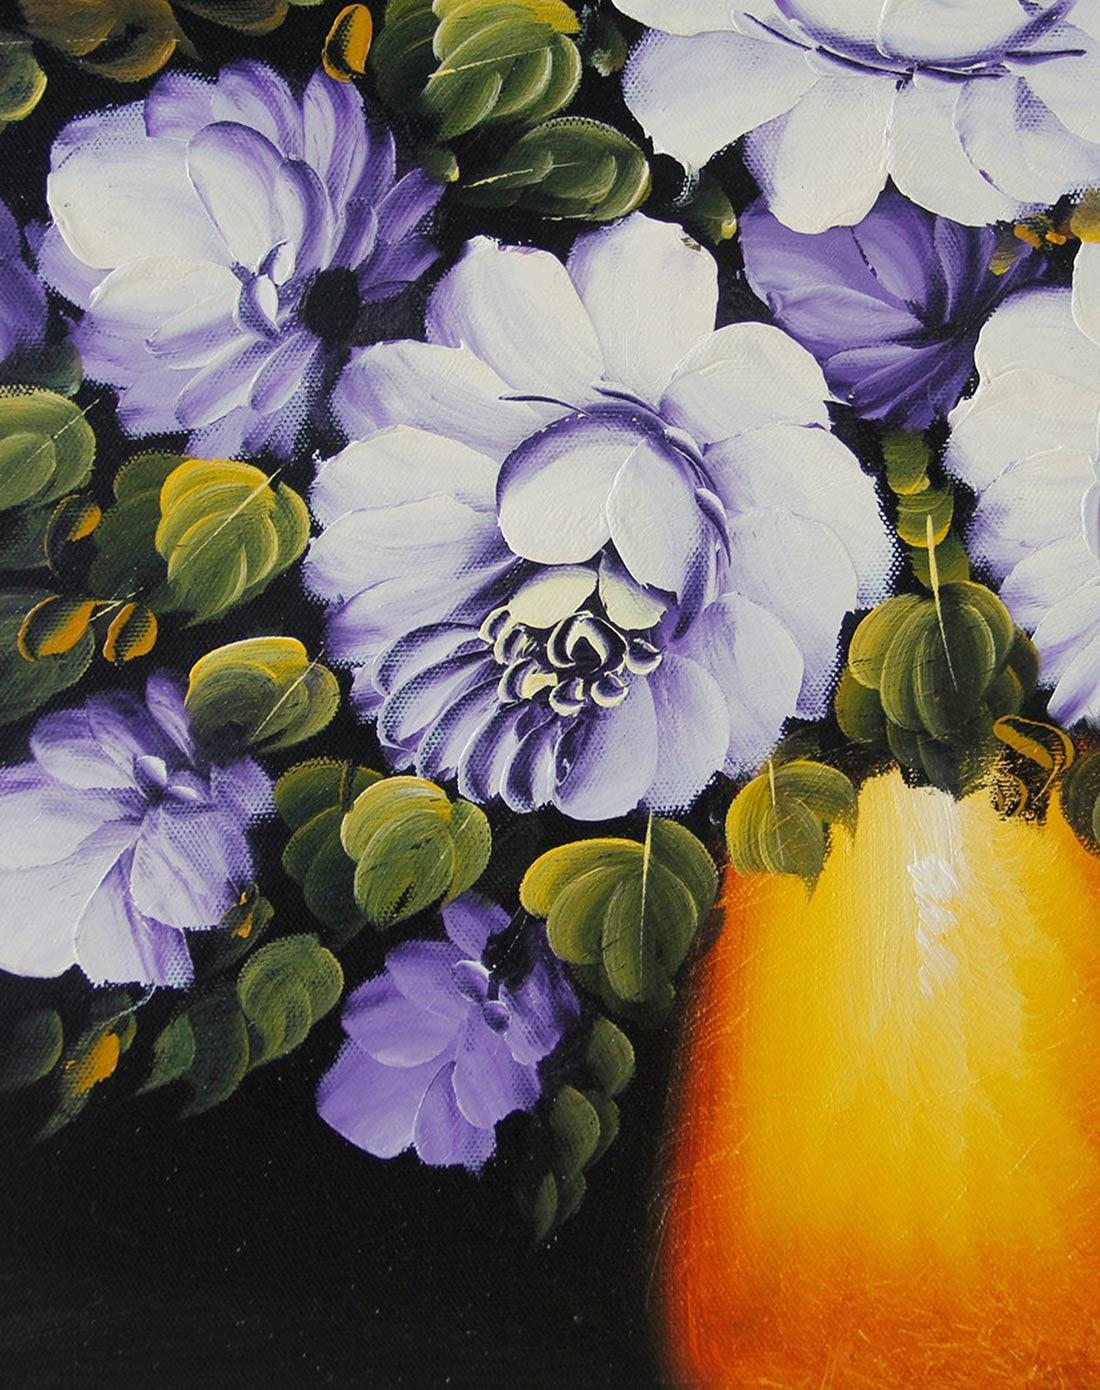 宜生活 《紫玫瑰》纯手绘油画